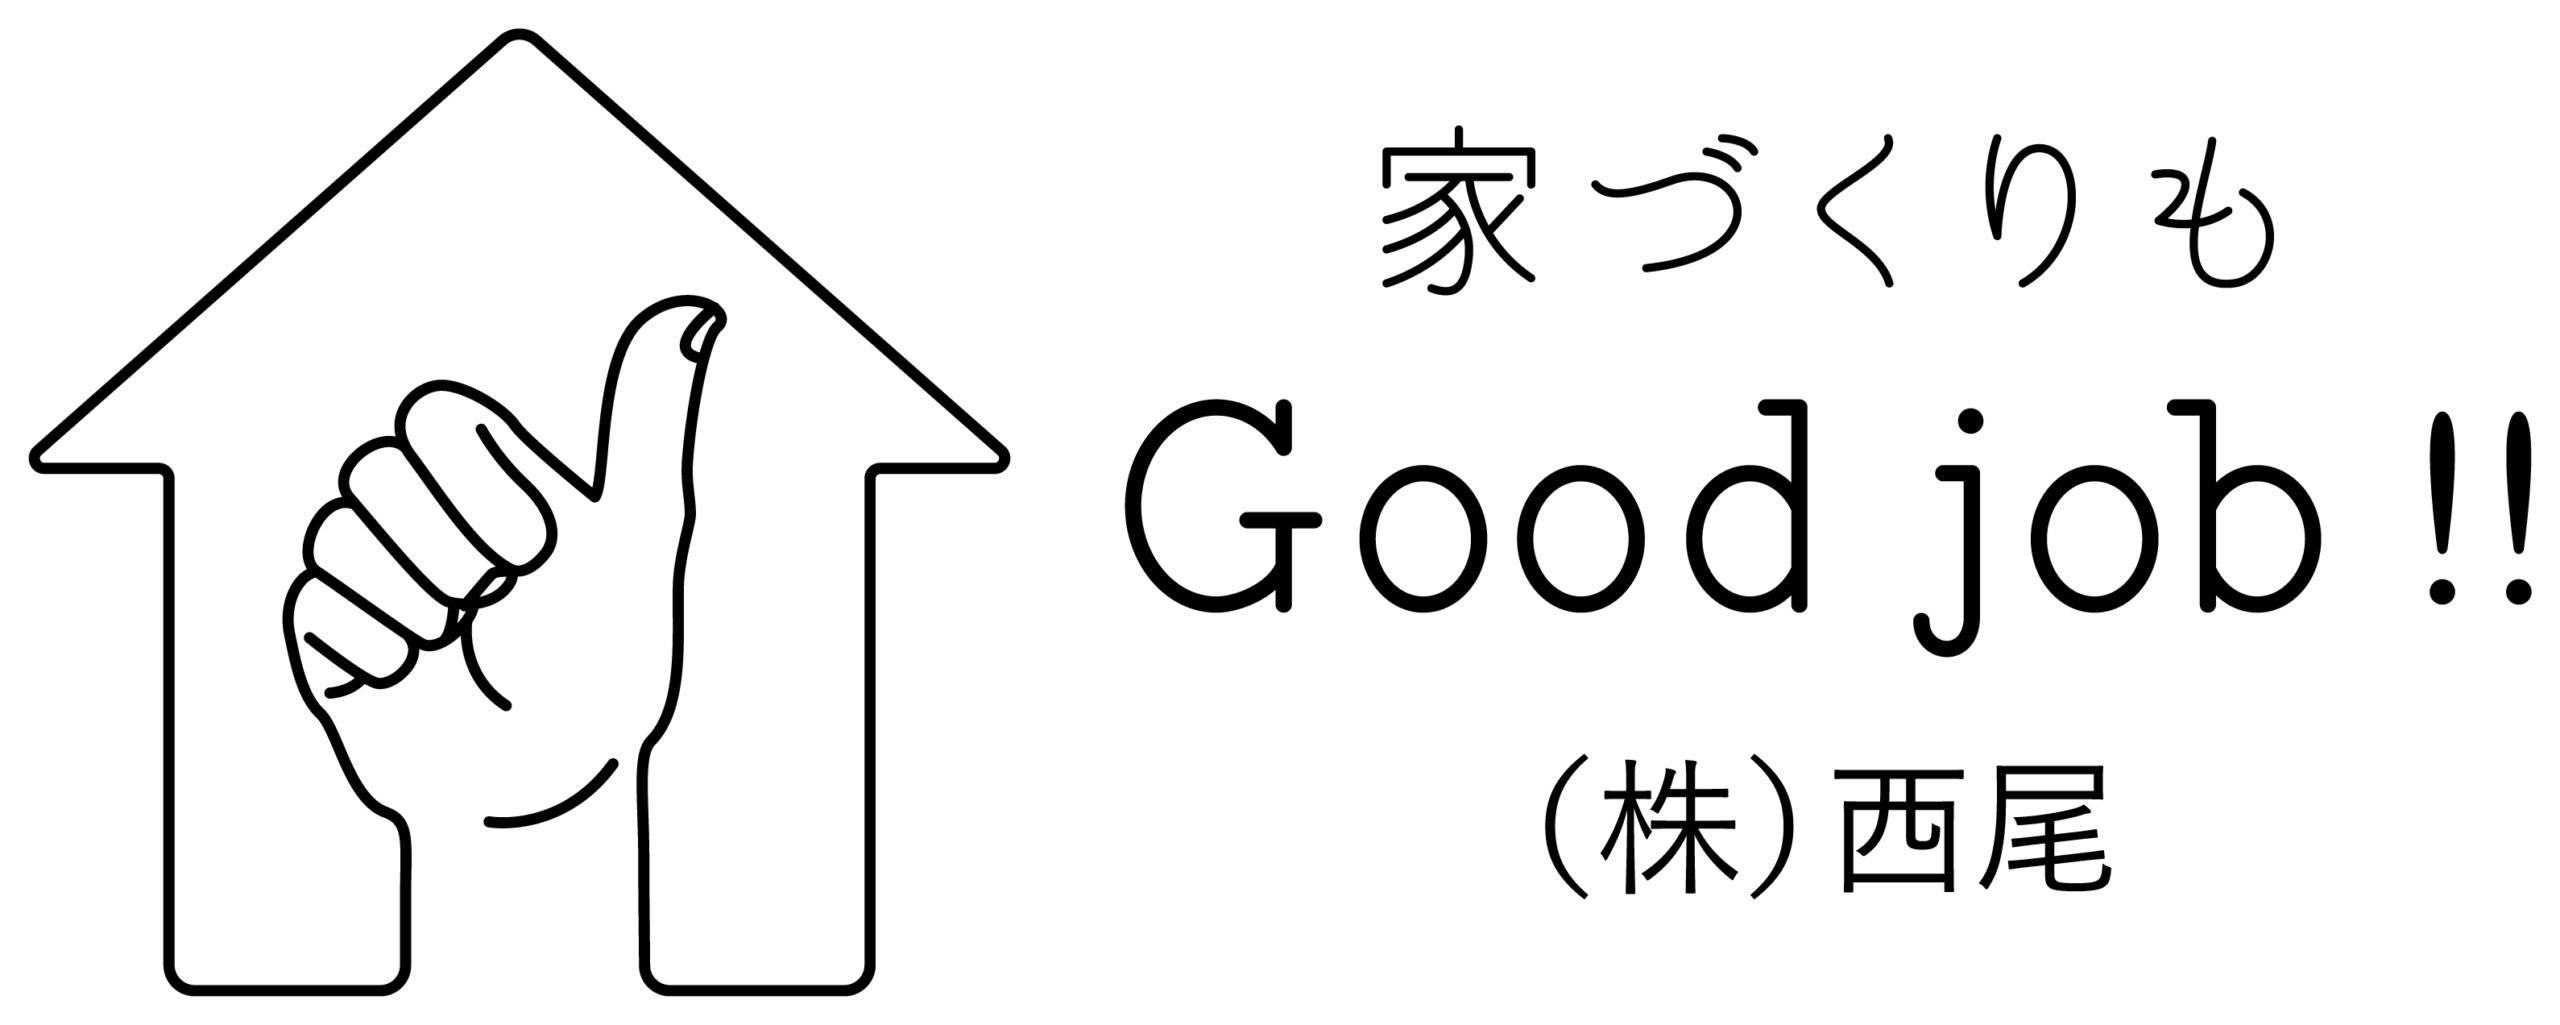 建築/建設/設備/設計/造園とシンプルとグレーのロゴ